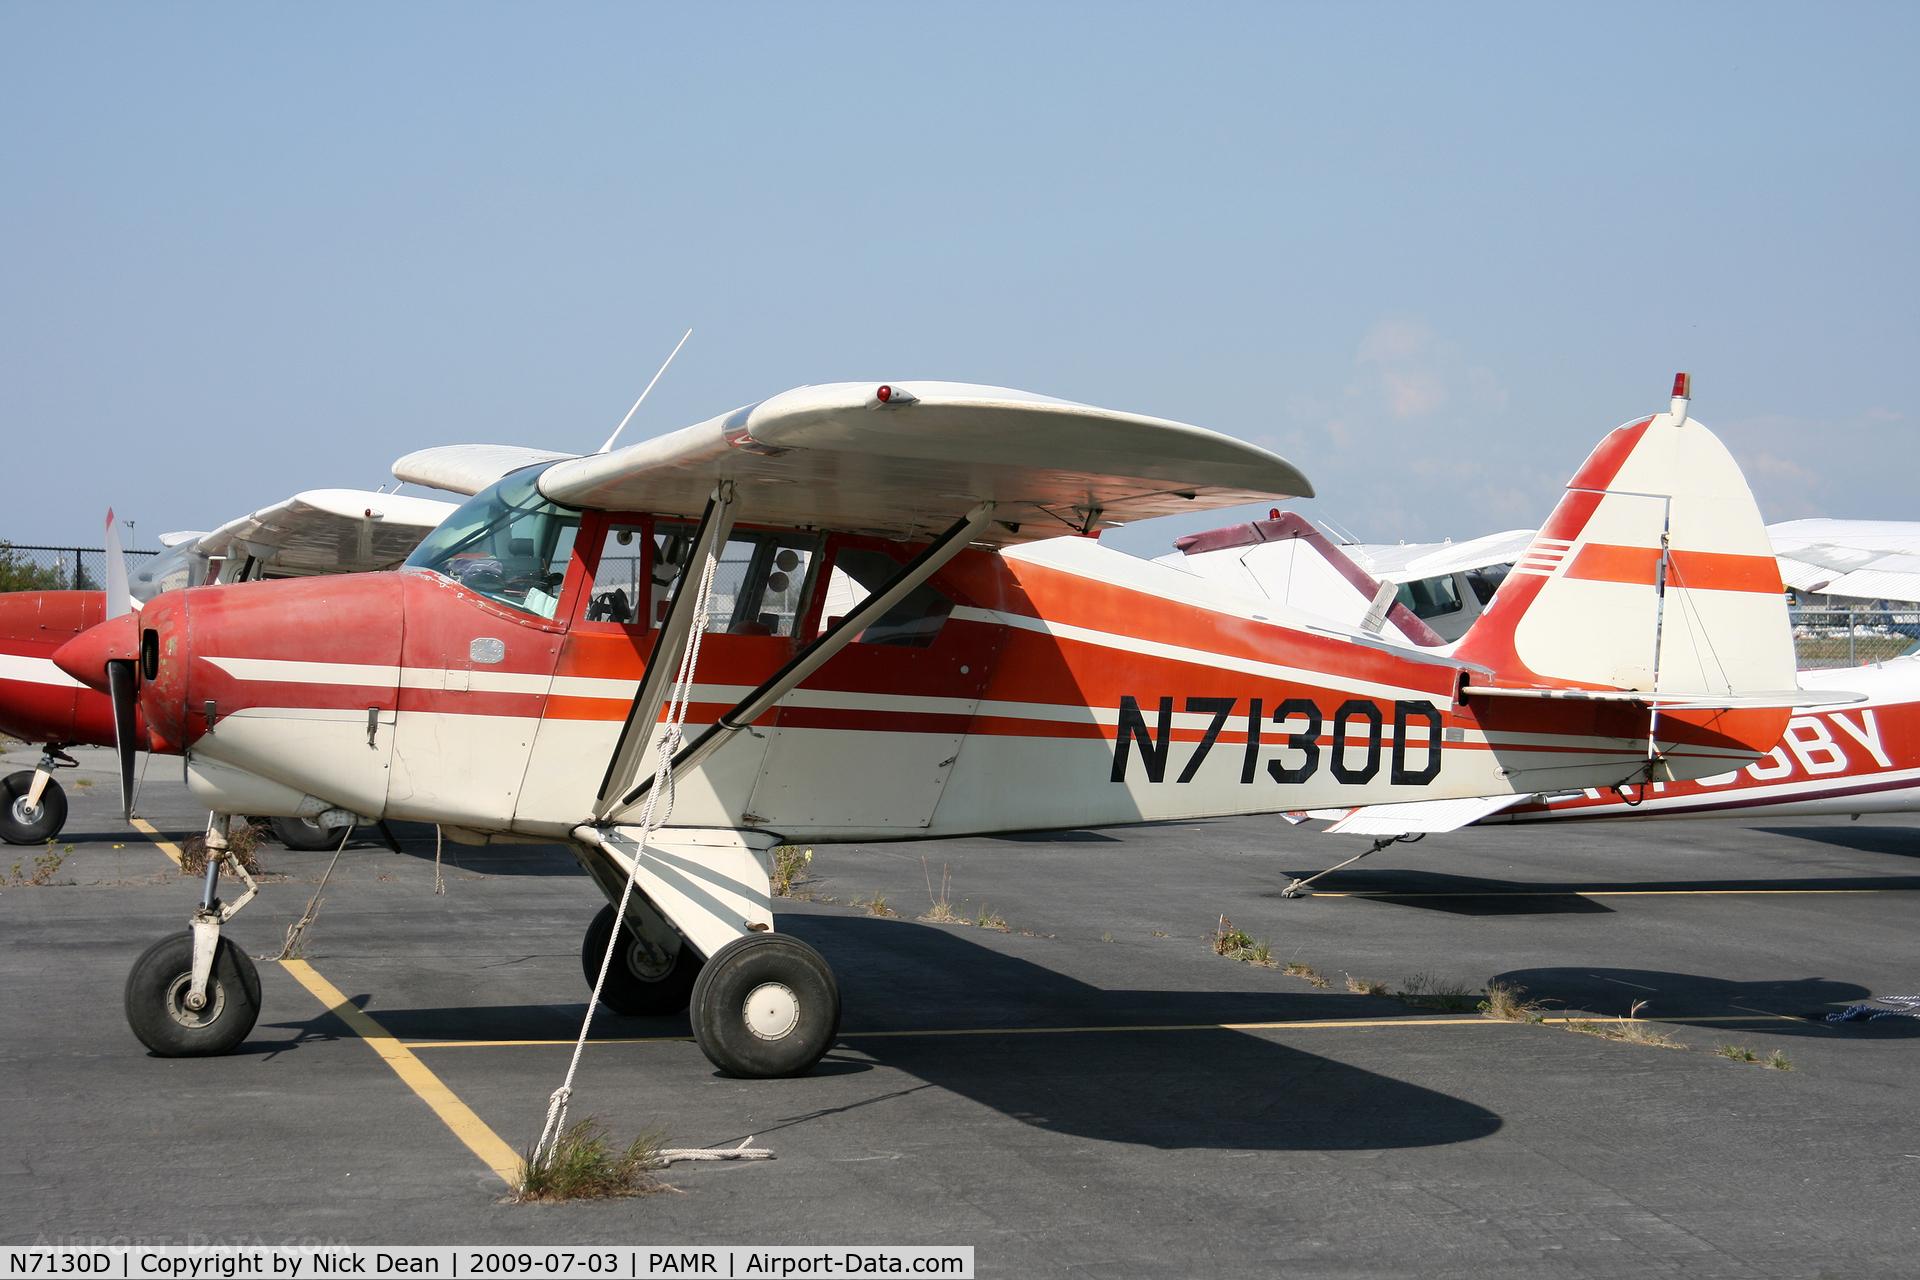 N7130D, 1957 Piper PA-22-150 C/N 22-4992, PAMR